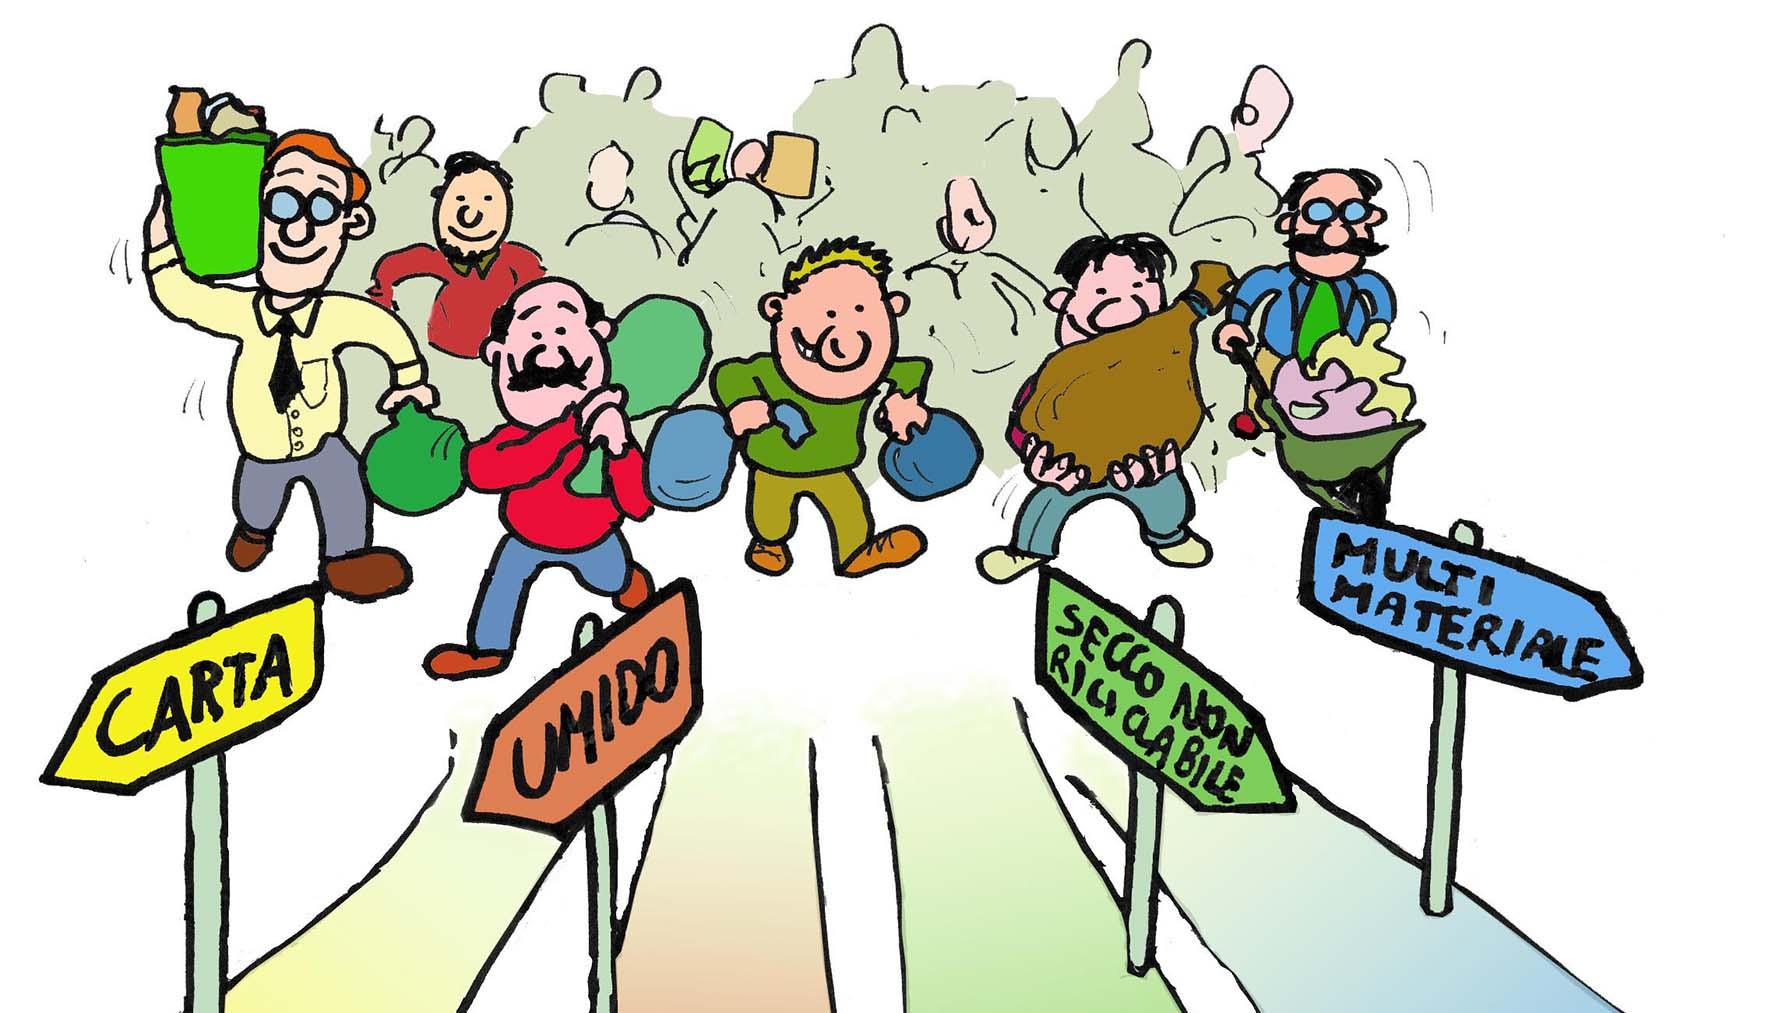 rifiuti raccolta differenziata vignetta